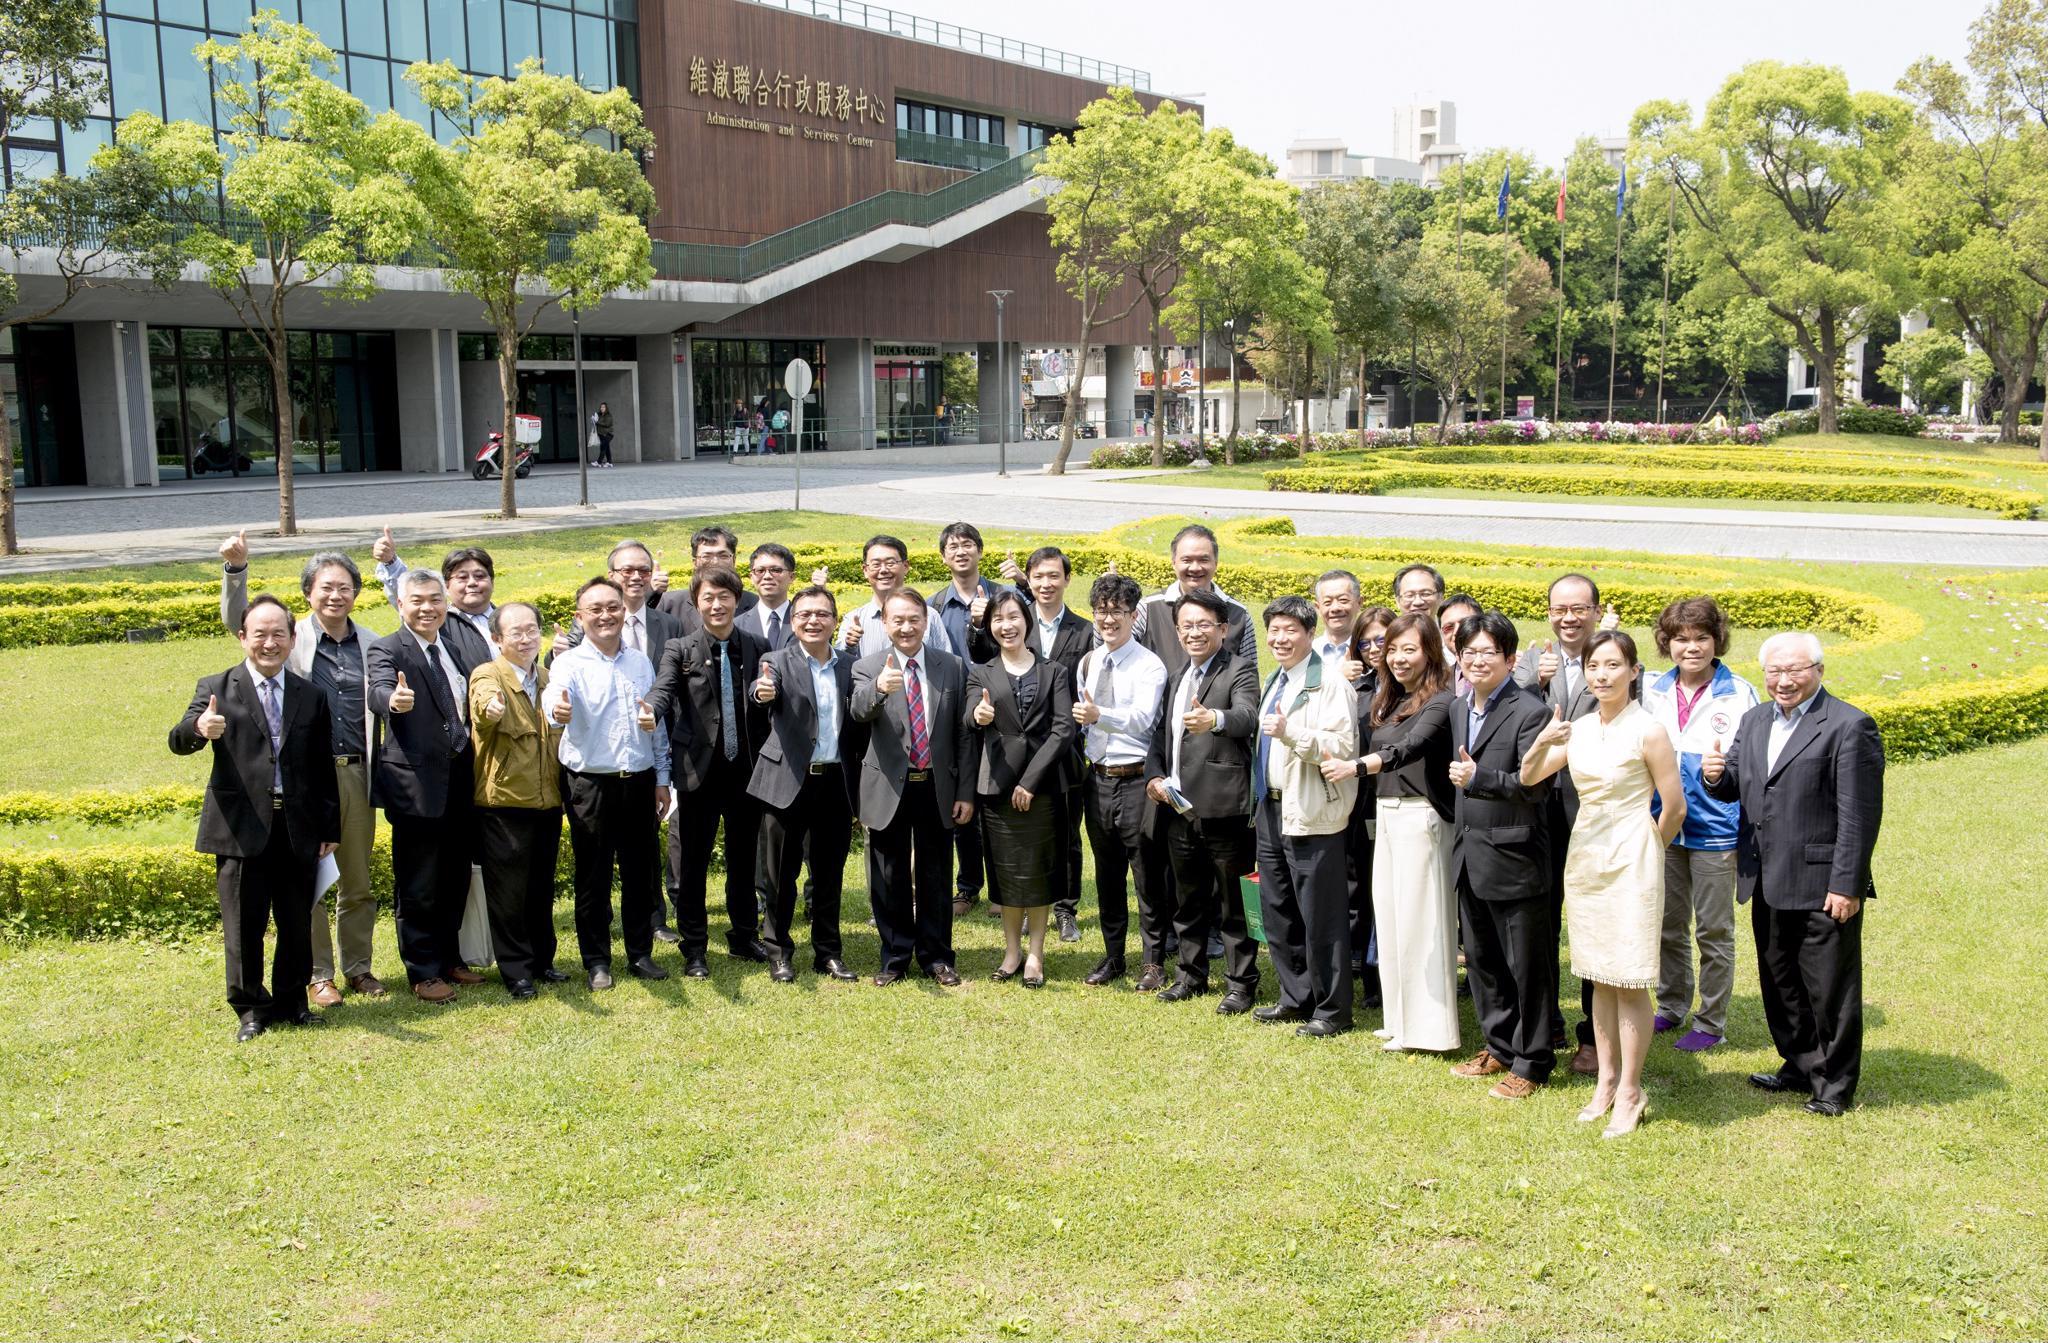 中原大學、彰化基督教醫院跨域合作打造健康醫療